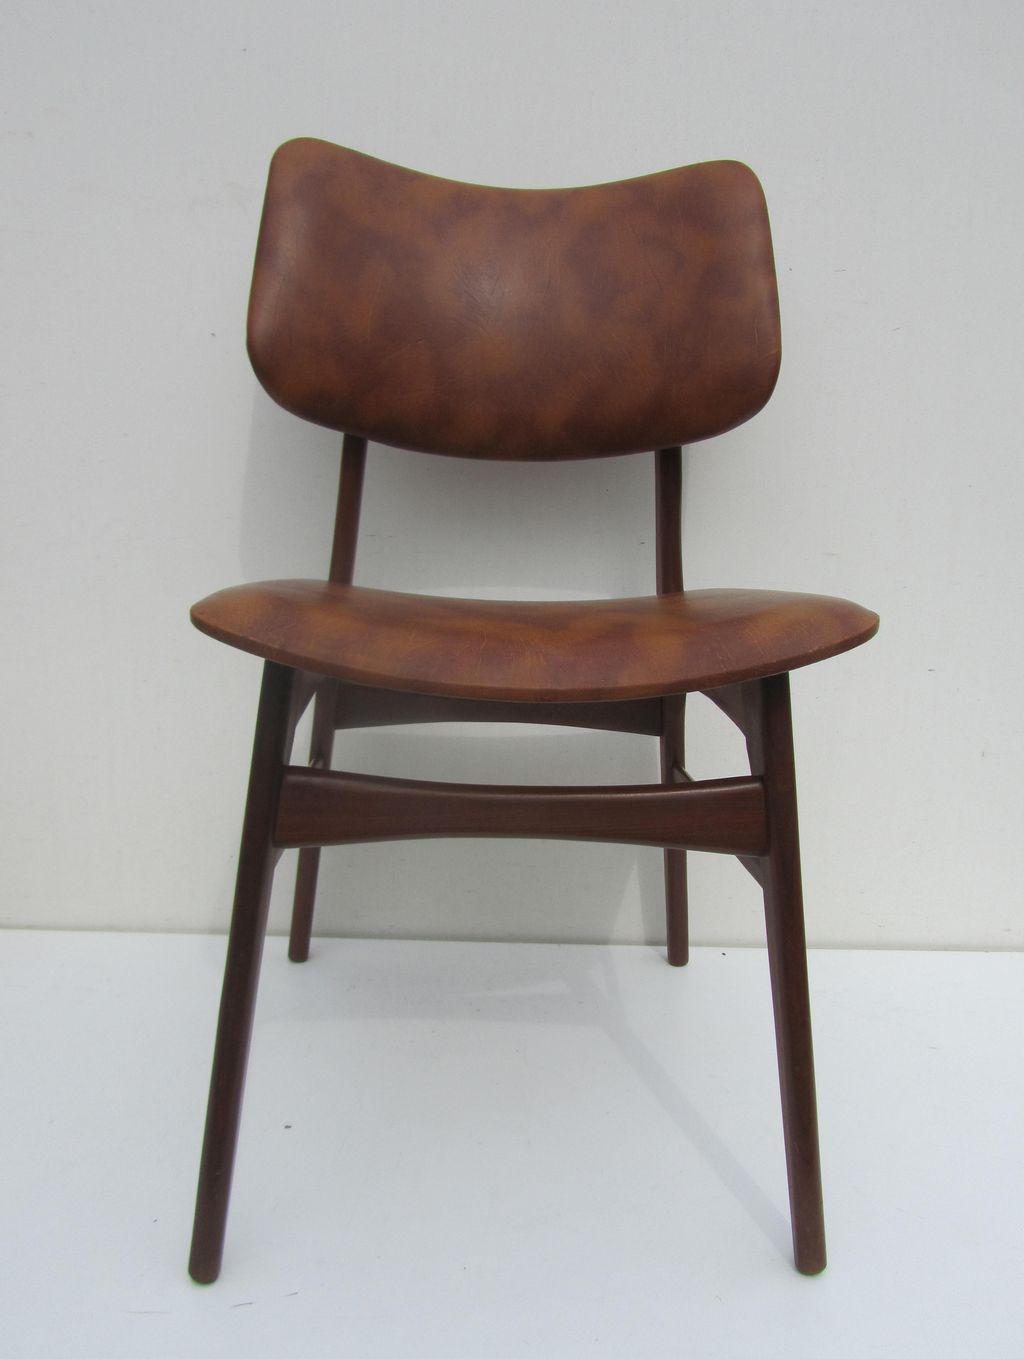 Vintage retro teak en skai stoelen eetkamerstoelen for Eetkamerstoelen scandinavisch